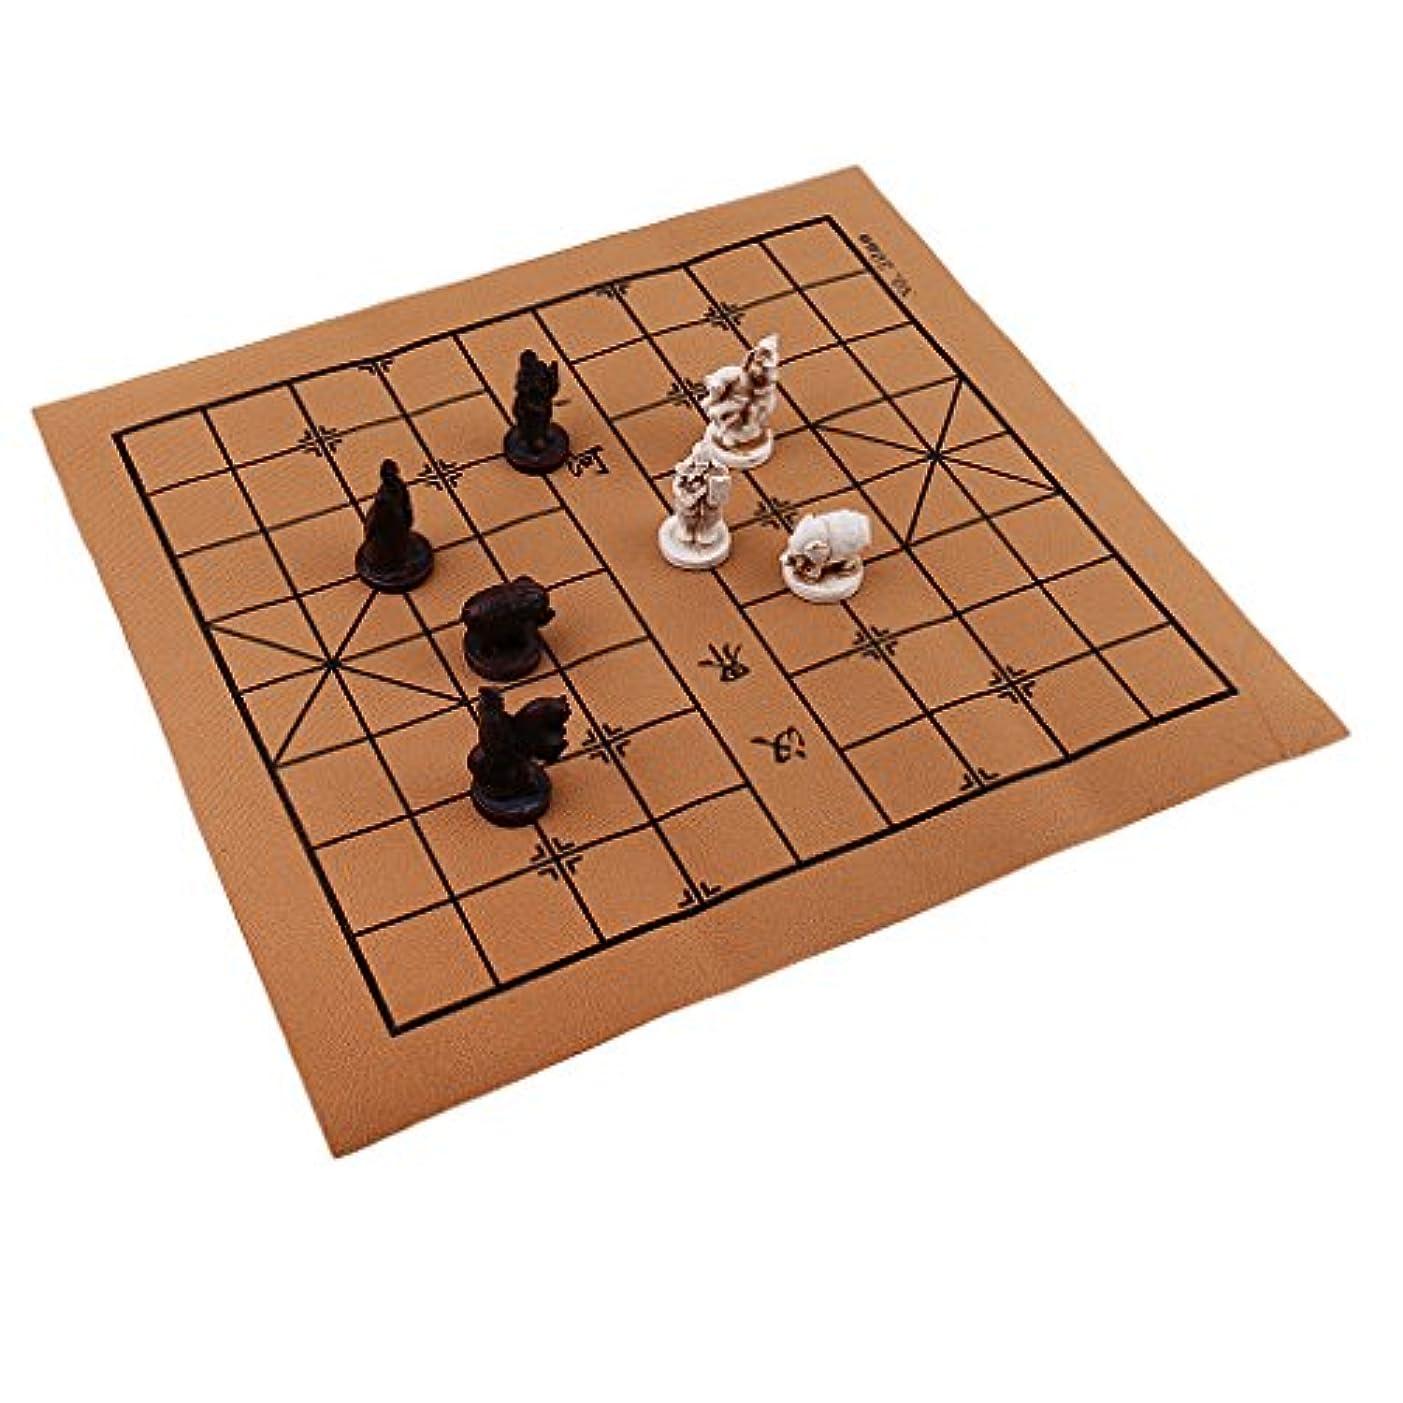 ファームしおれた受け入れたBaoblaze ヴィンテージ 中国 伝統的 チェス 樹脂 テラコッタの戦士 チェスピース 折り畳み式 チェス盤 手芸品